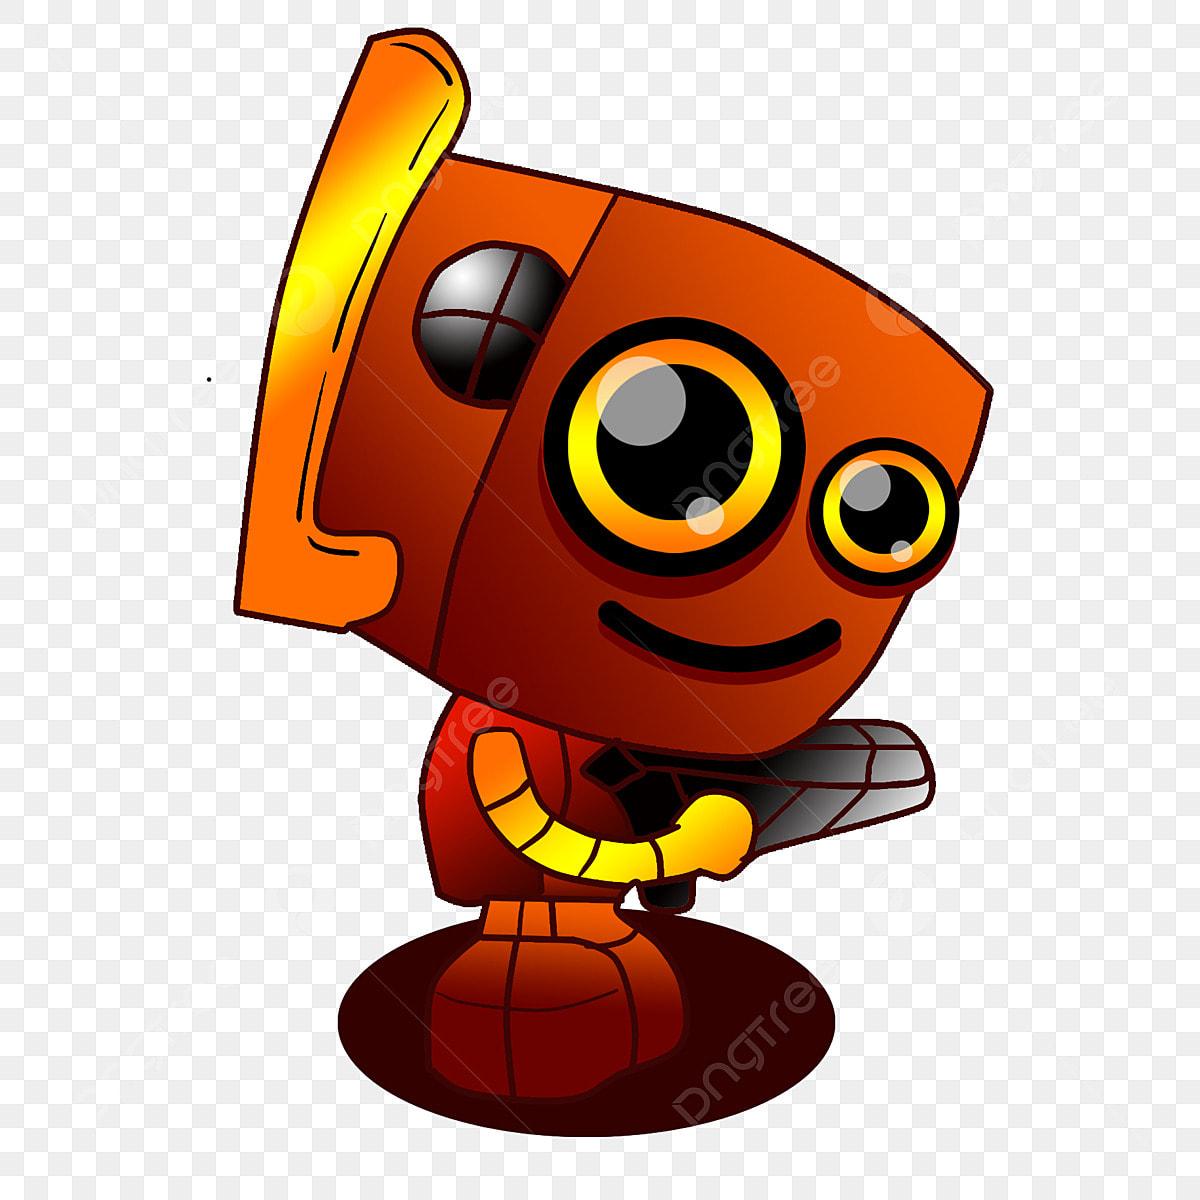 Robo Bonito Grande Cabeca Robo Robo Arma Robo Dos Desenhos